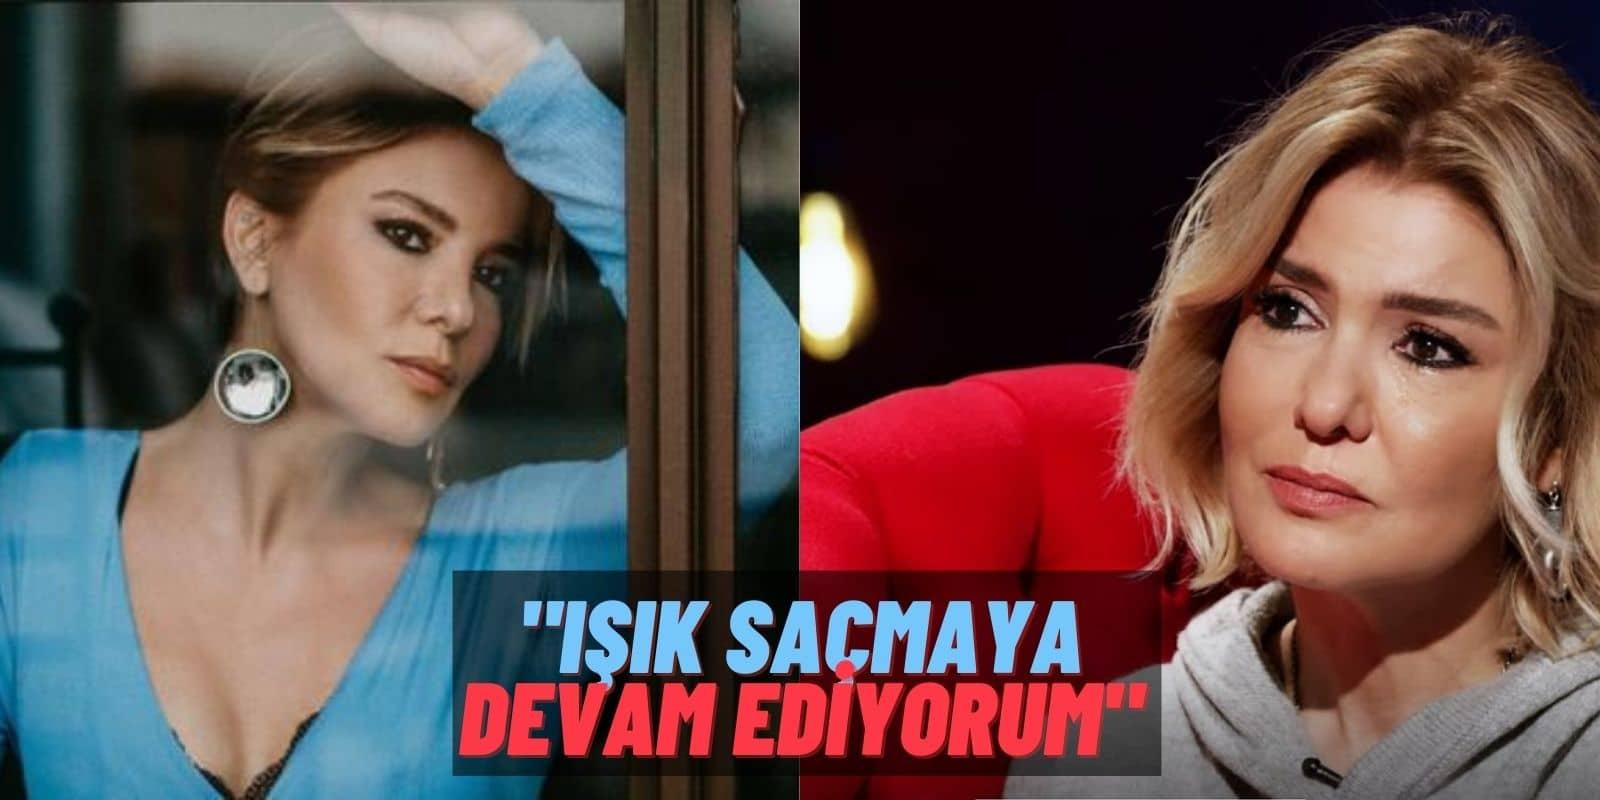 """""""Bana hiçbir şey olmaz"""" Diyen Gülben Ergen Fikrini Değiştirdi: """"Rüzgar esse kırılan bir yüreğim var!"""""""